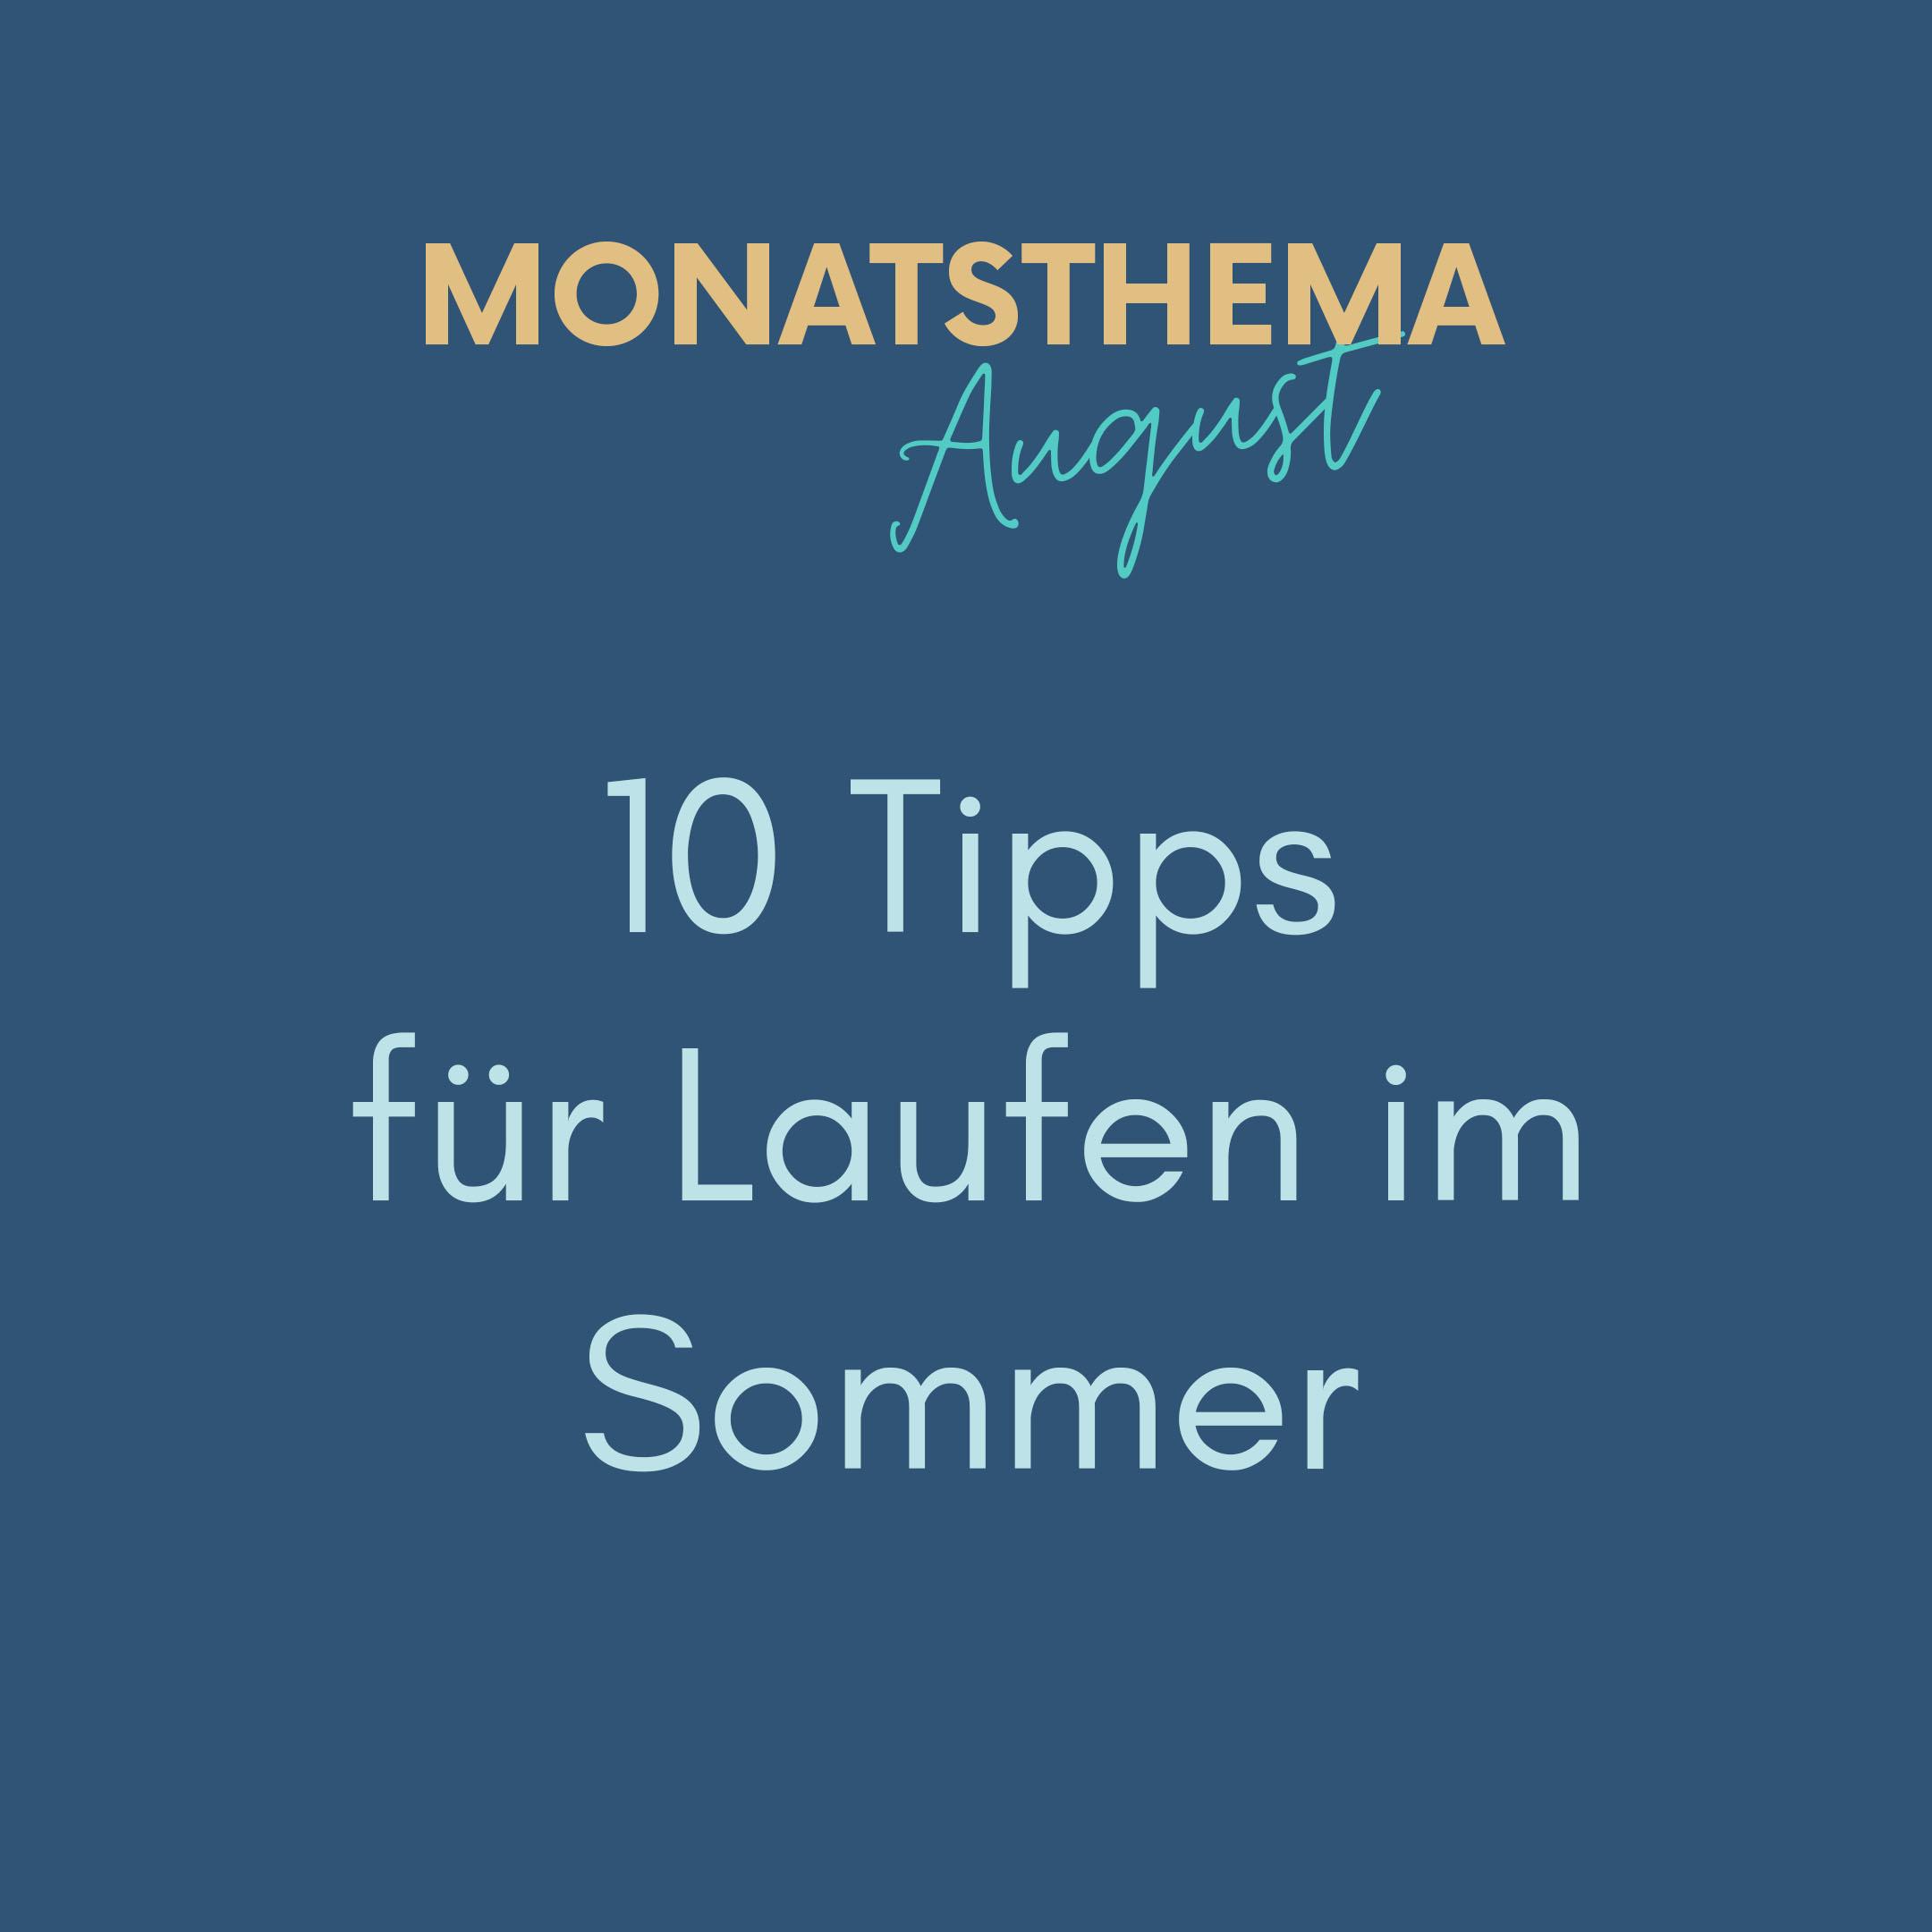 blauer Hintergrund mit Text: Monatsthema Juli, 10 Tipps für Laufen im Sommer